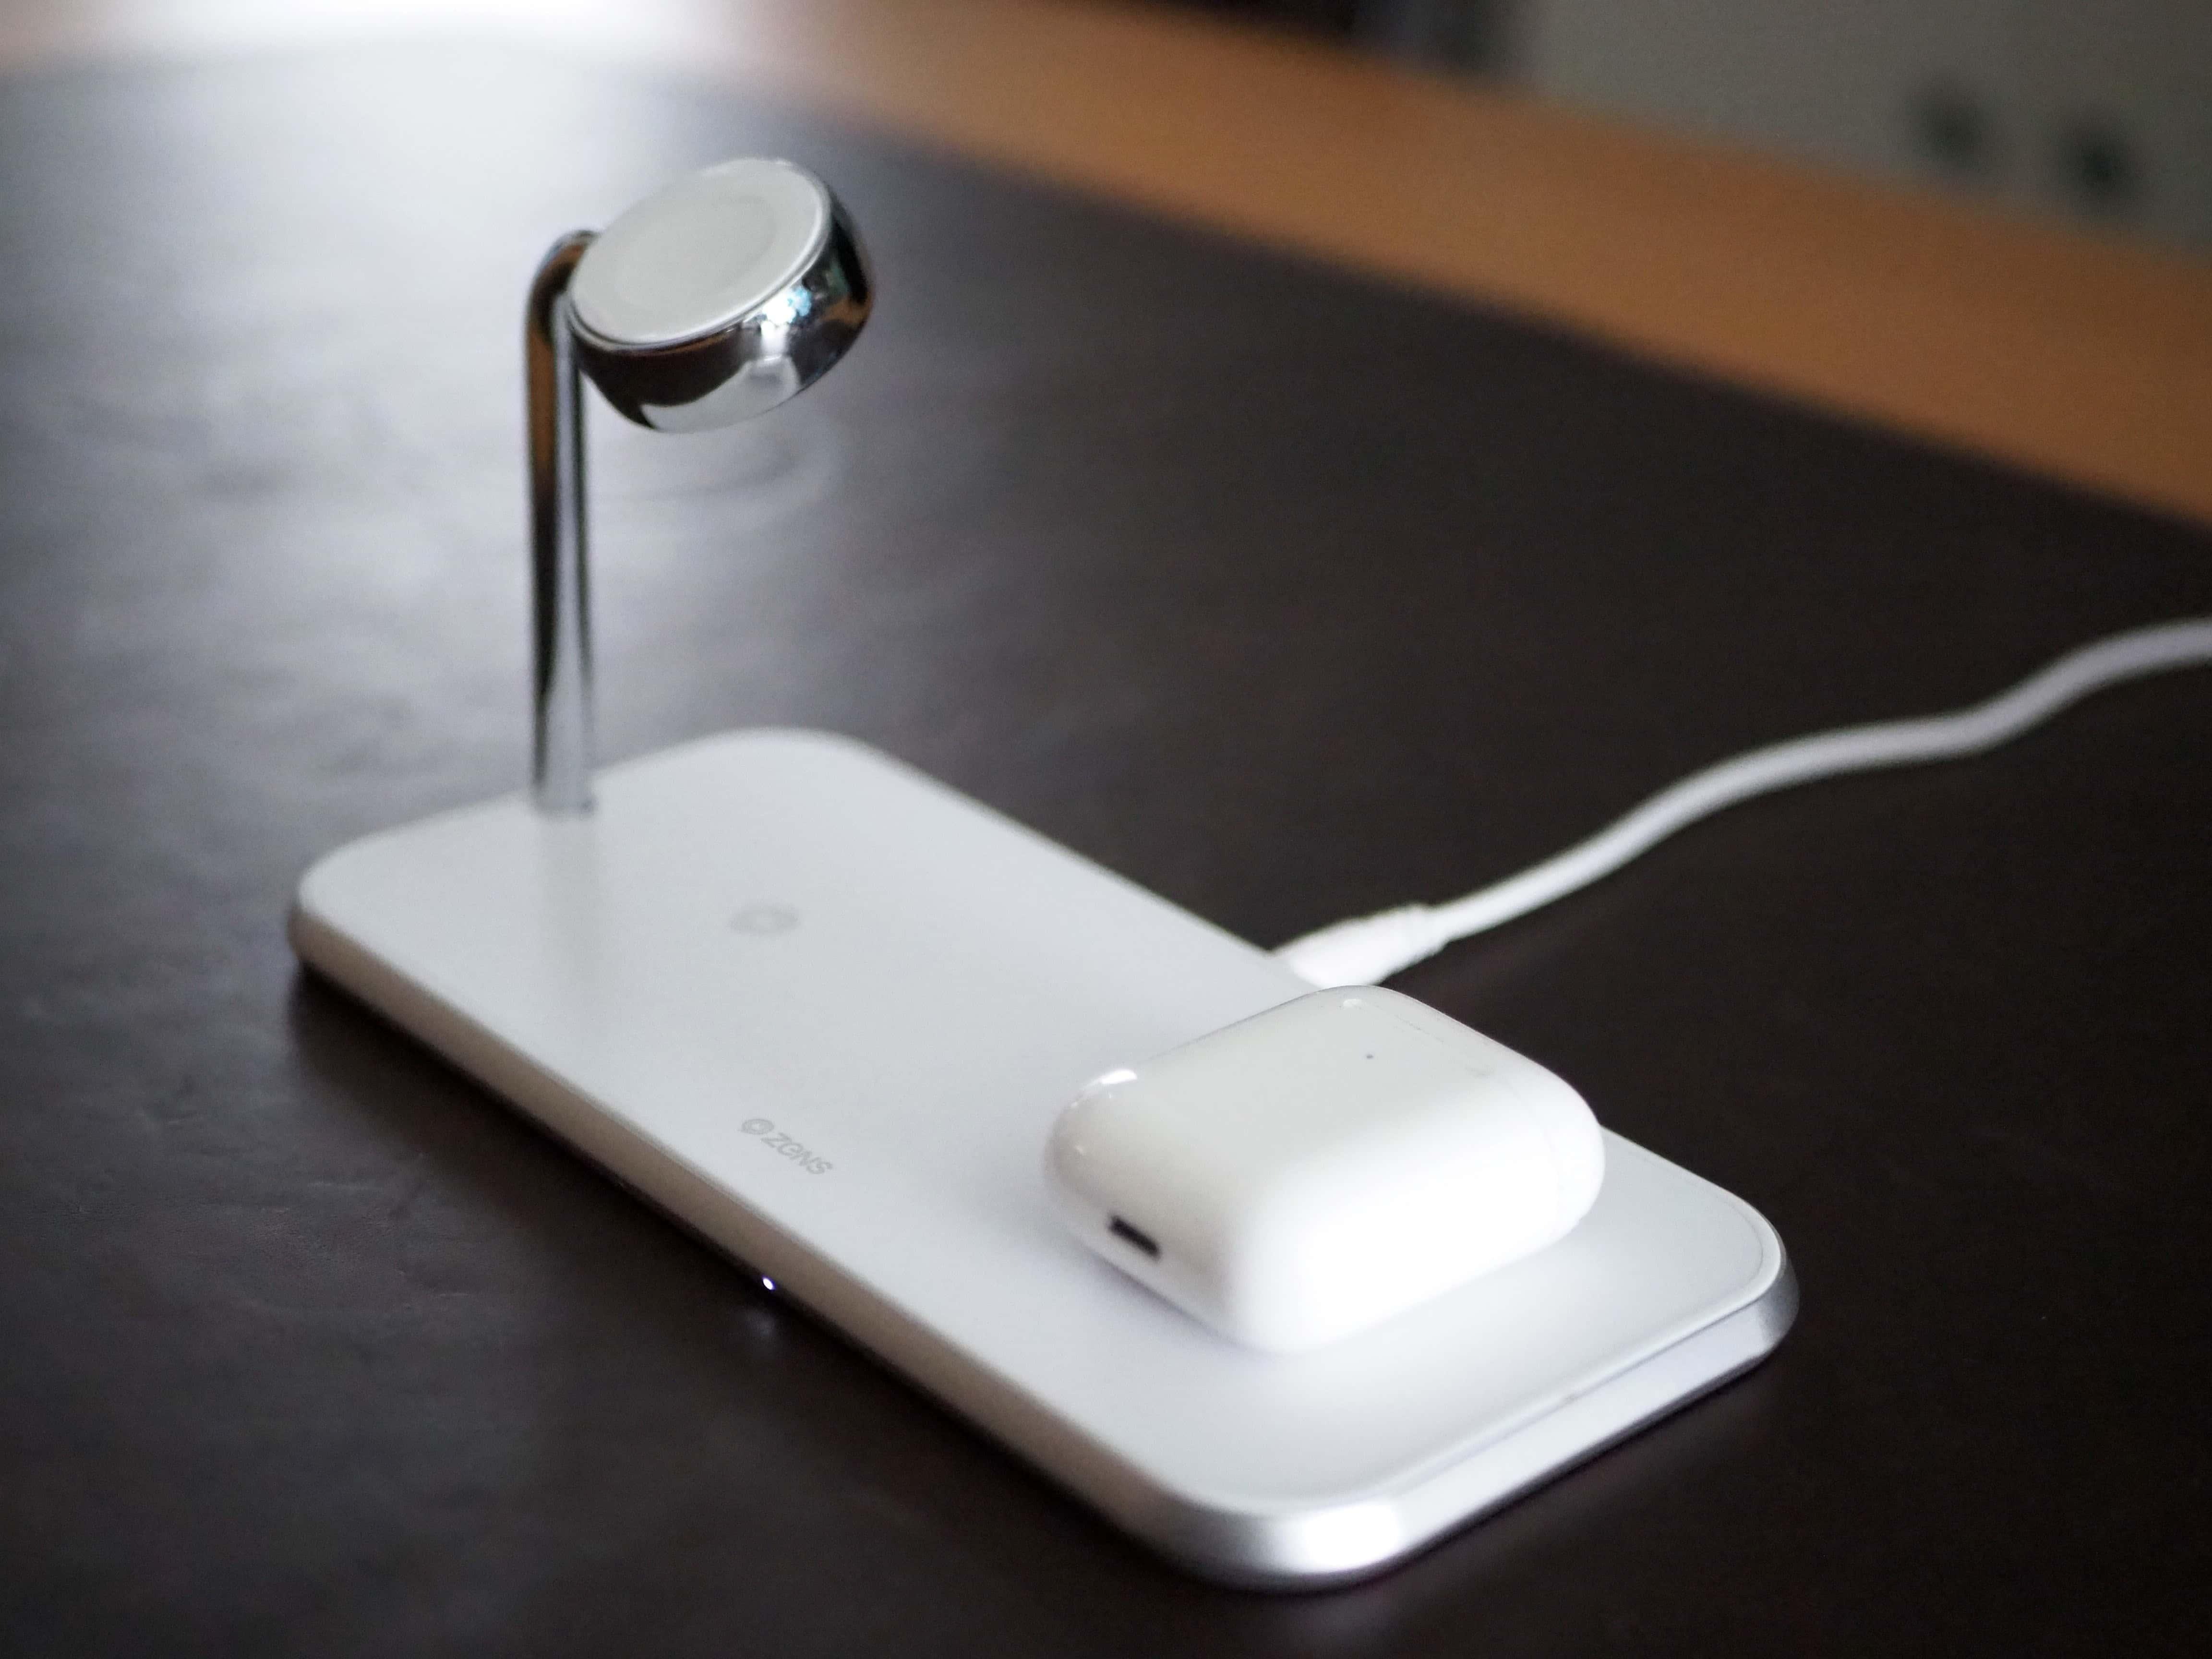 Zens Dual + Watch wireless charging mat in white.